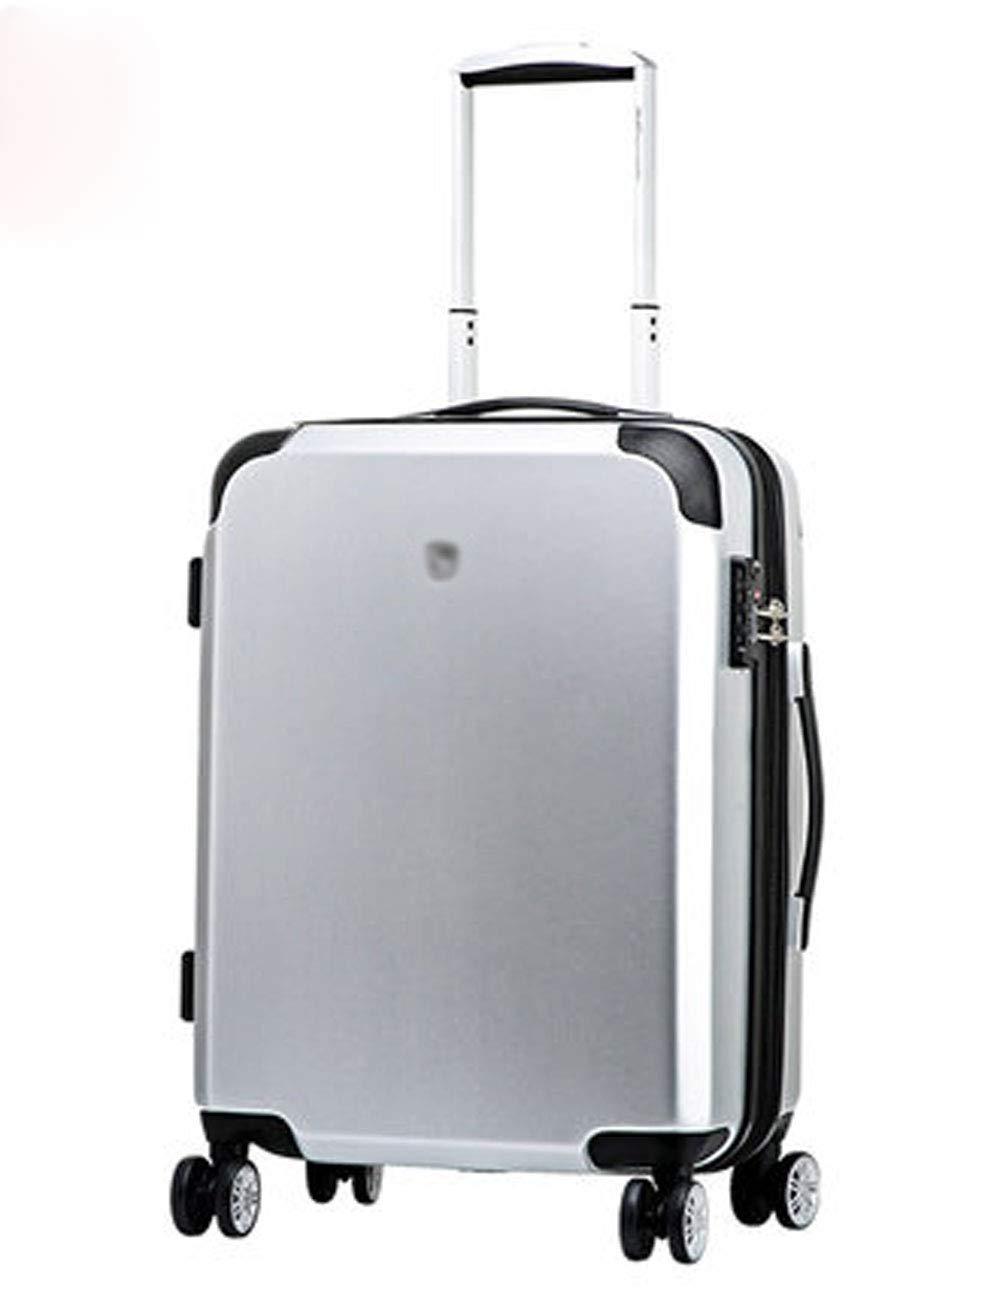 超軽量ビジネスABS + PCスーツケース、ローラーデザイン、プルロッド搭乗、20インチシルバー (色 : シルバー しるば゜)   B07GGTS22G